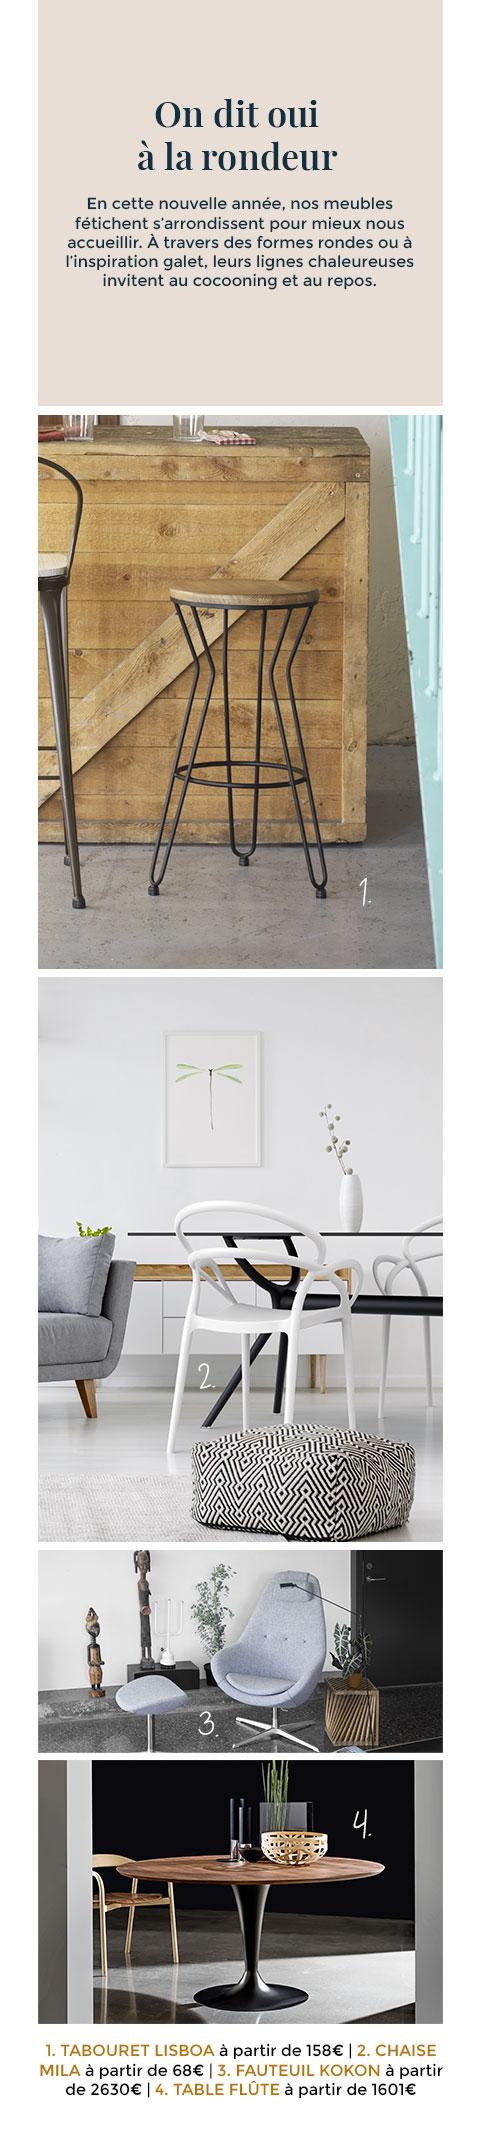 En cette nouvelle année, nos meubles fétichent s'arrondissent pour mieux nous accueillir.